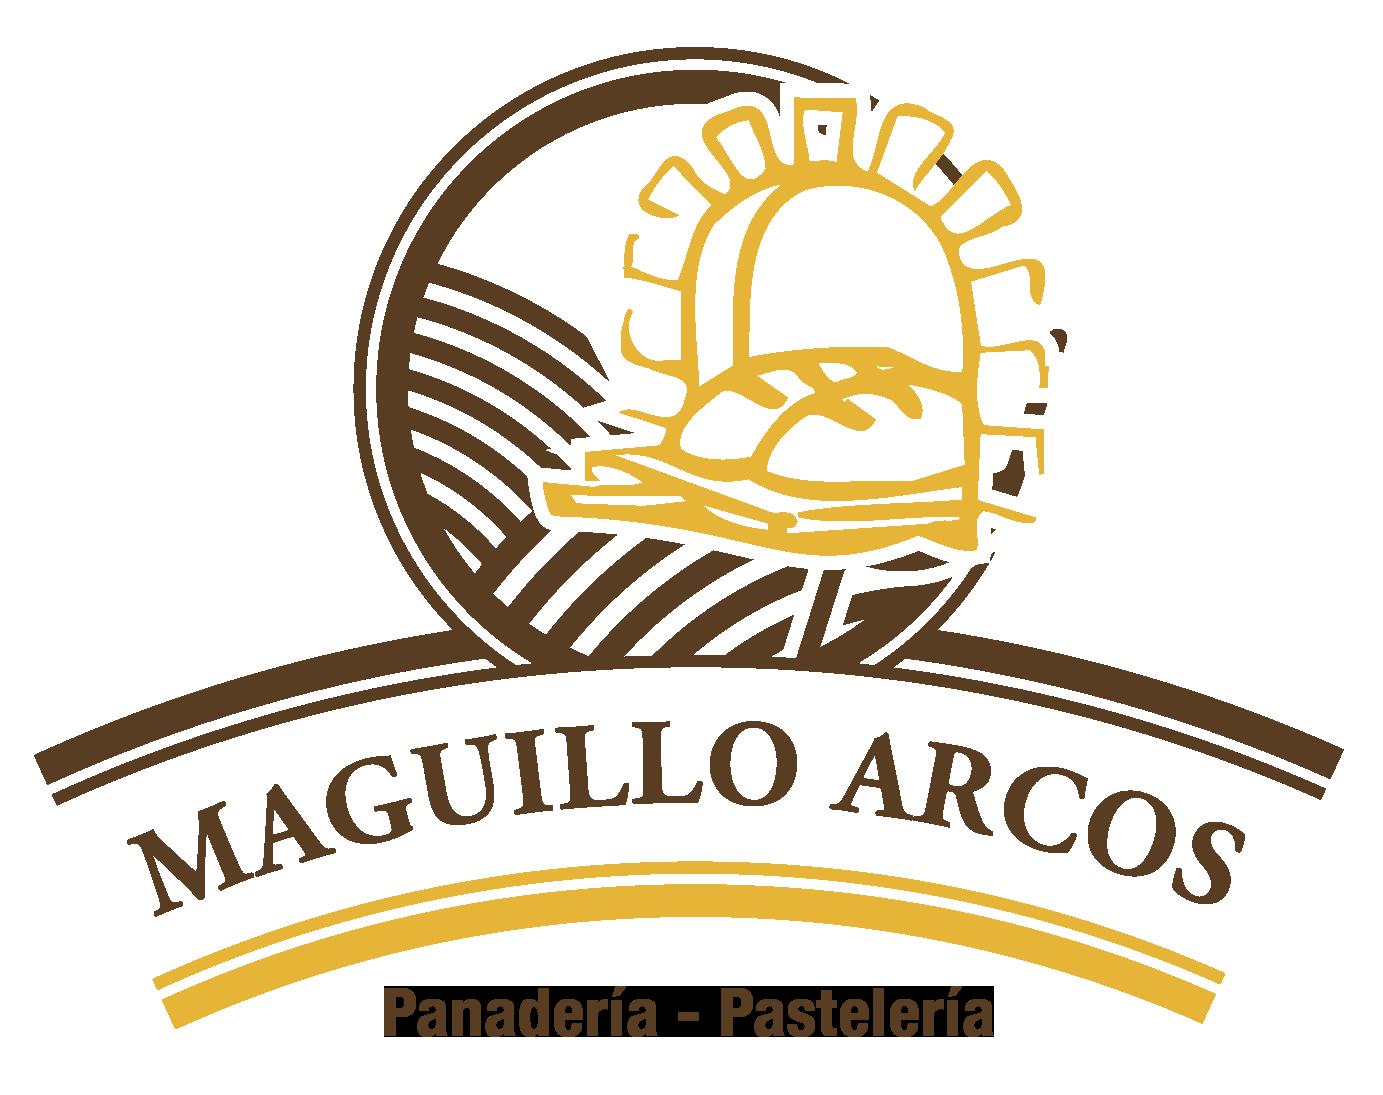 Maguillo-Arcos-El Pan Artesano De Cazalla De La Sierra